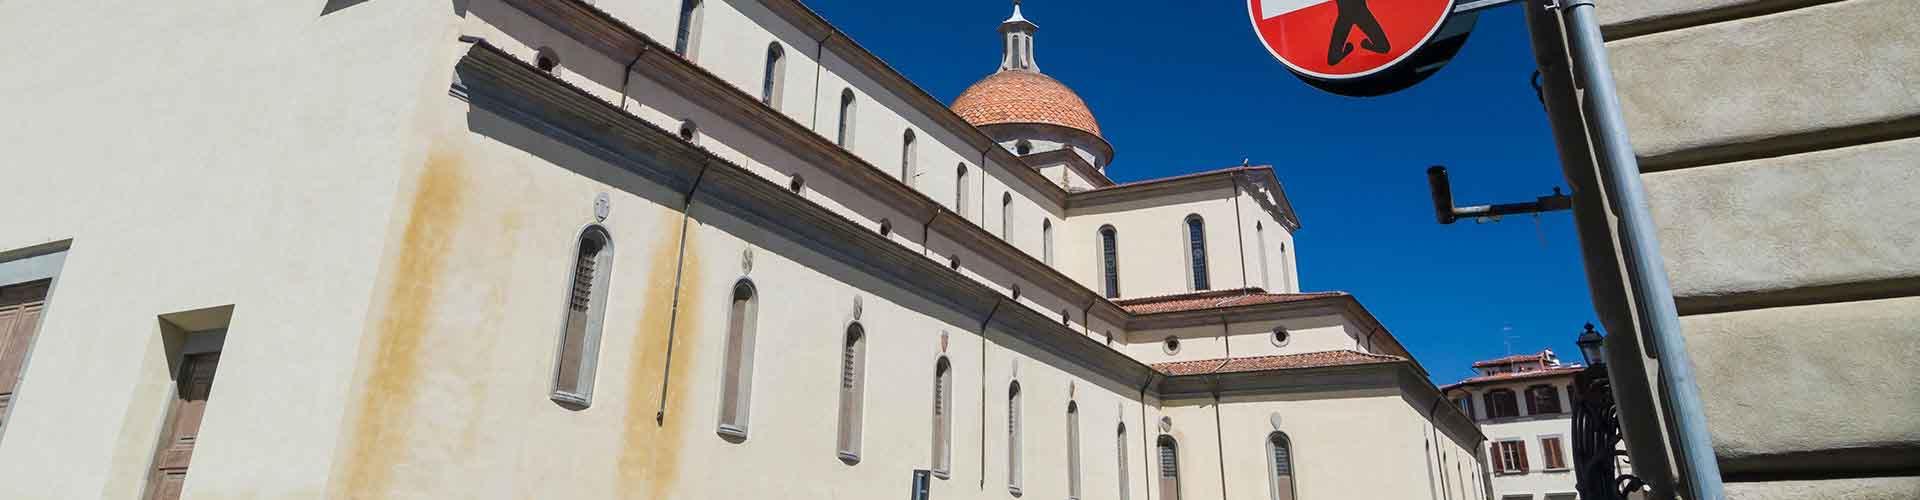 Florence - Hôtels dans le quartier de Santo Spirito. Cartes pour Florence, photos et commentaires pour chaque hôtel à Florence.